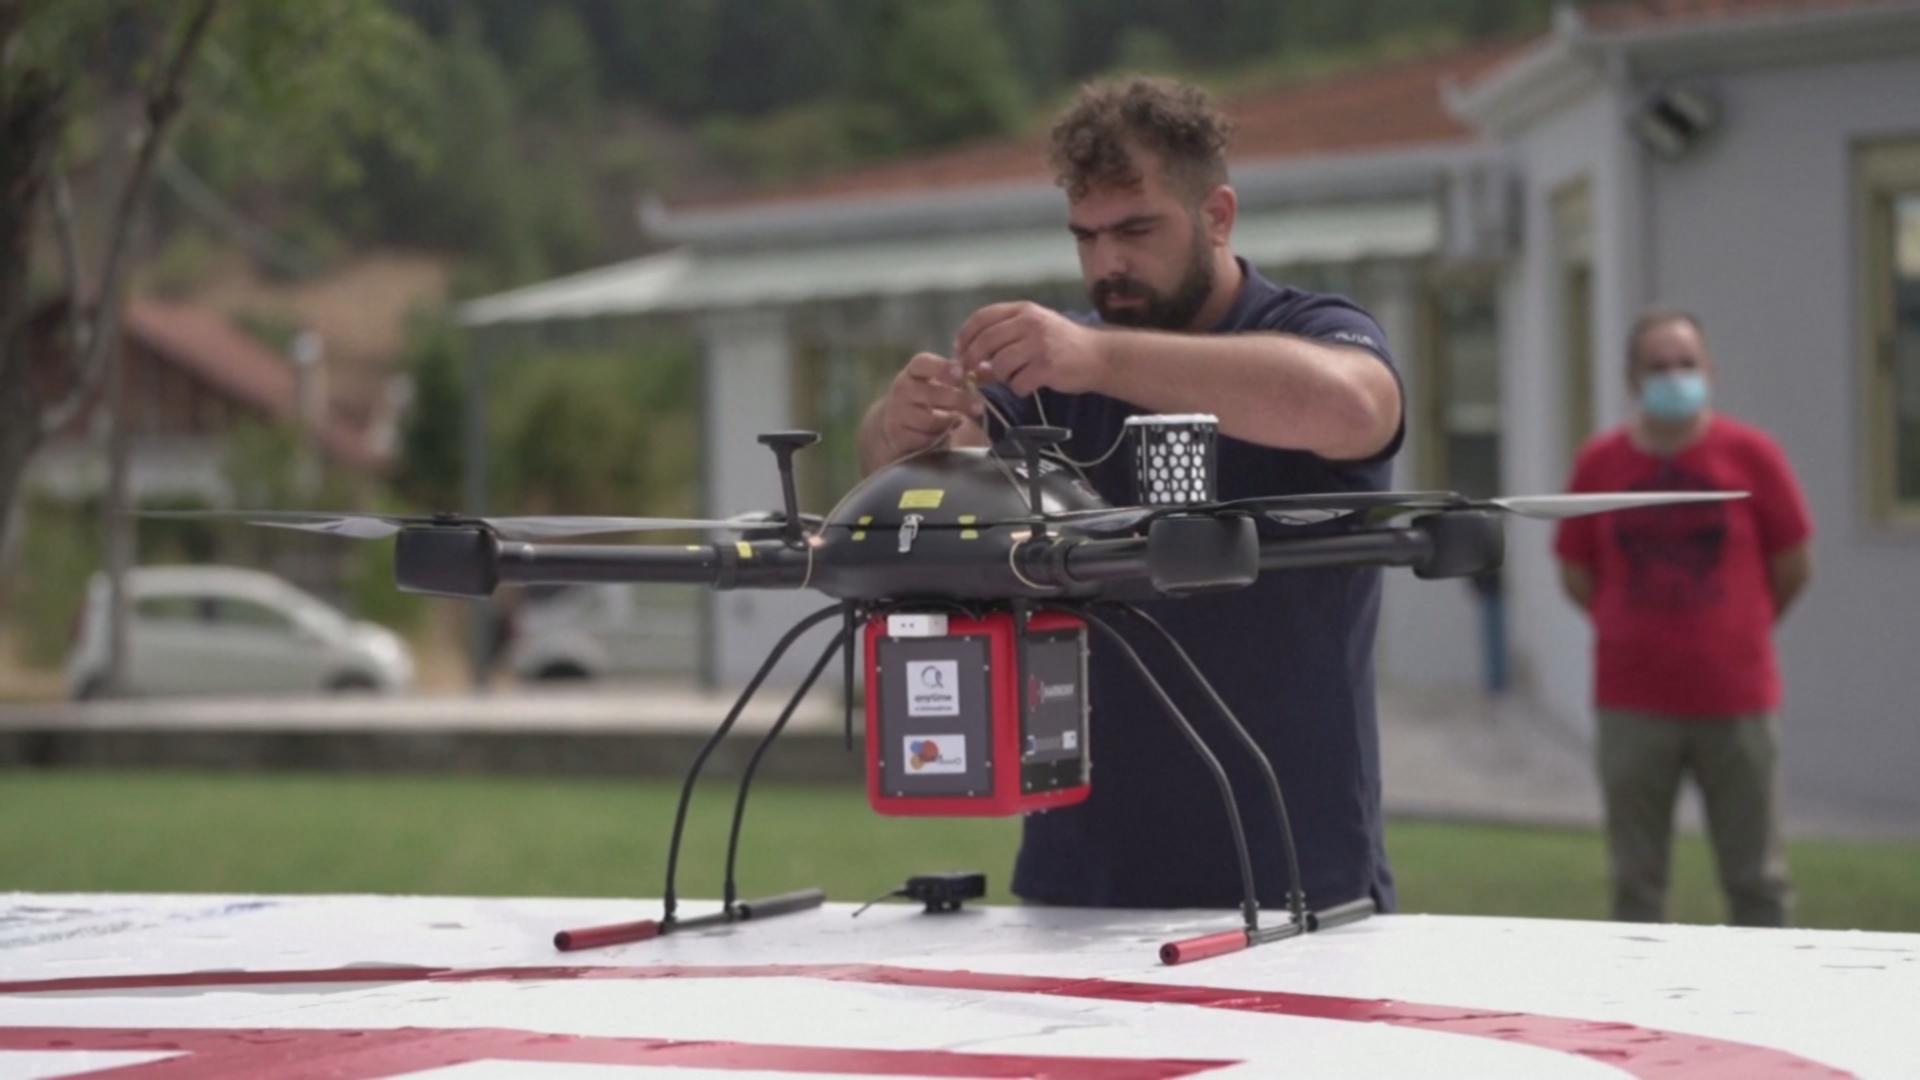 В Греции тестируют дрон для доставки лекарств в отдалённые районы